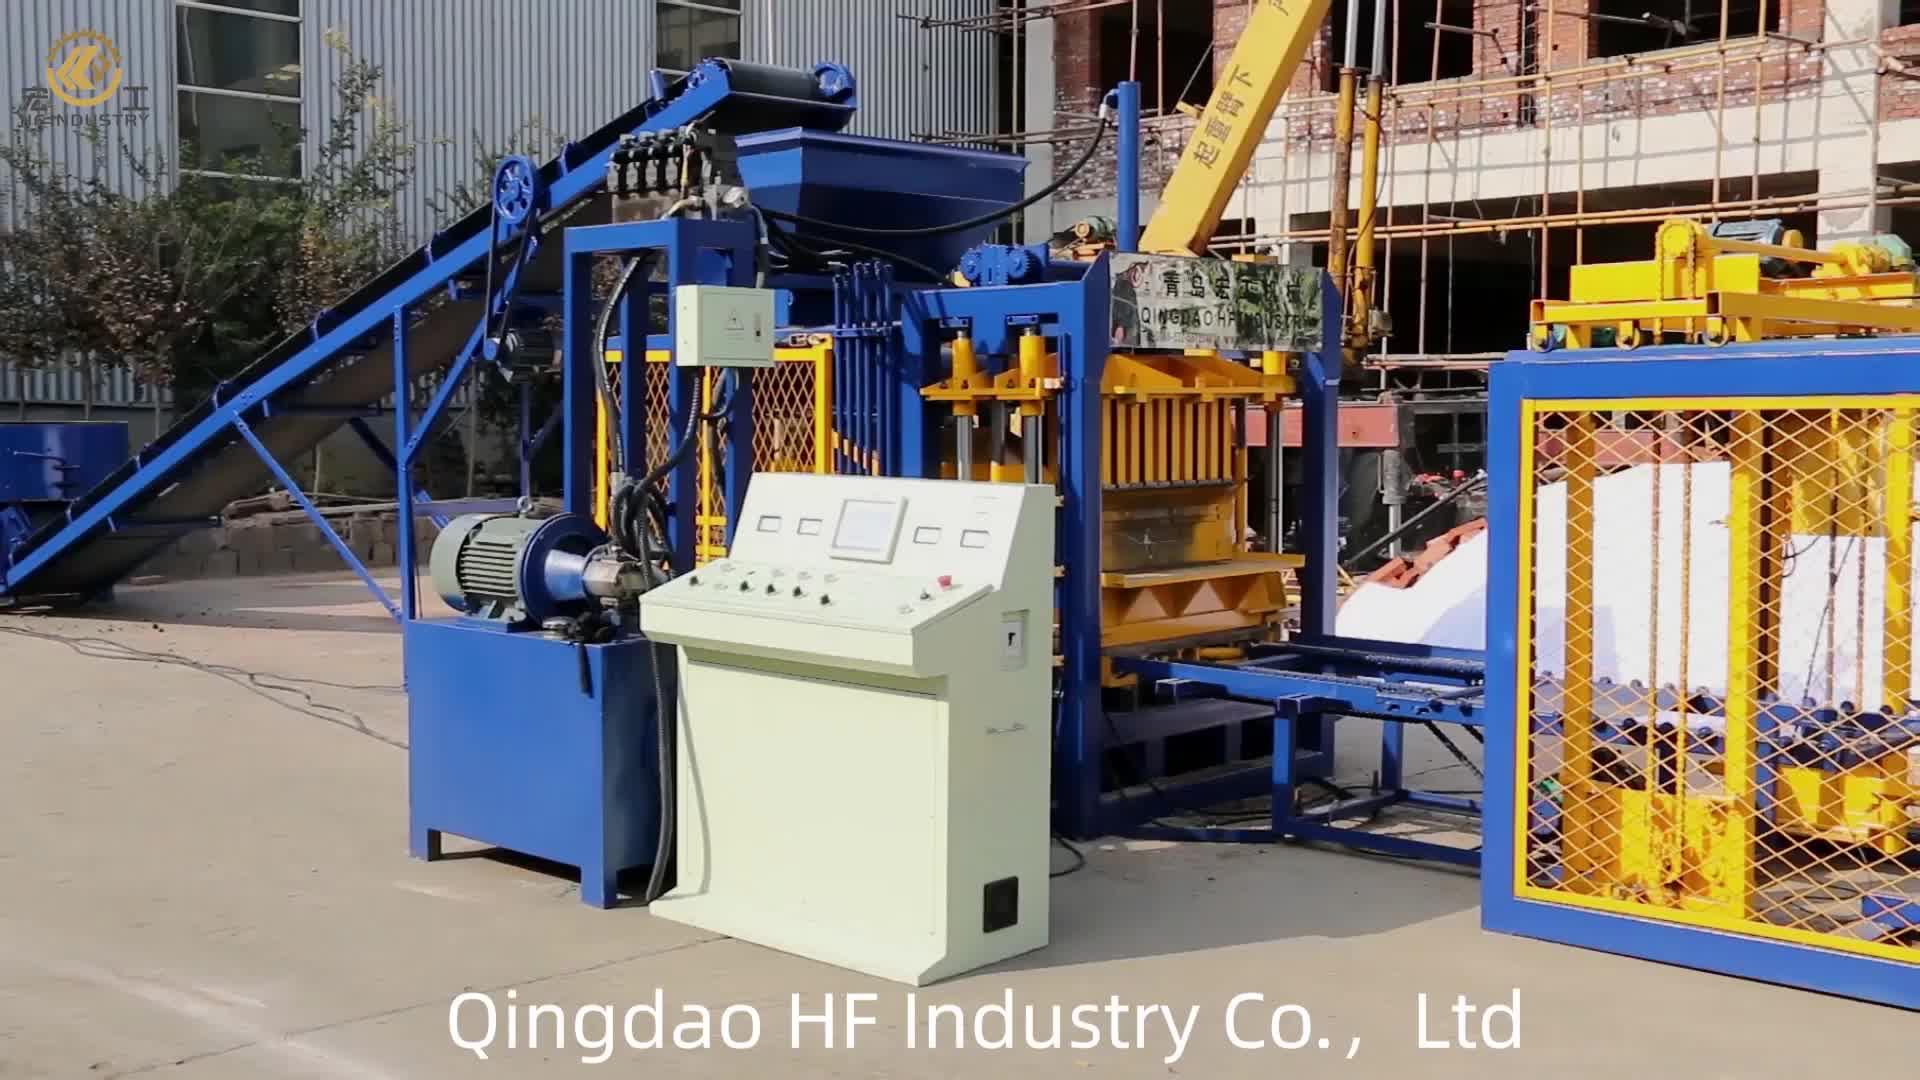 QT4-16 blocchi di interblocco pavimentazione idraulico della macchina completamente automatica cemento cava produzione di blocchi di cemento macchina per la vendita